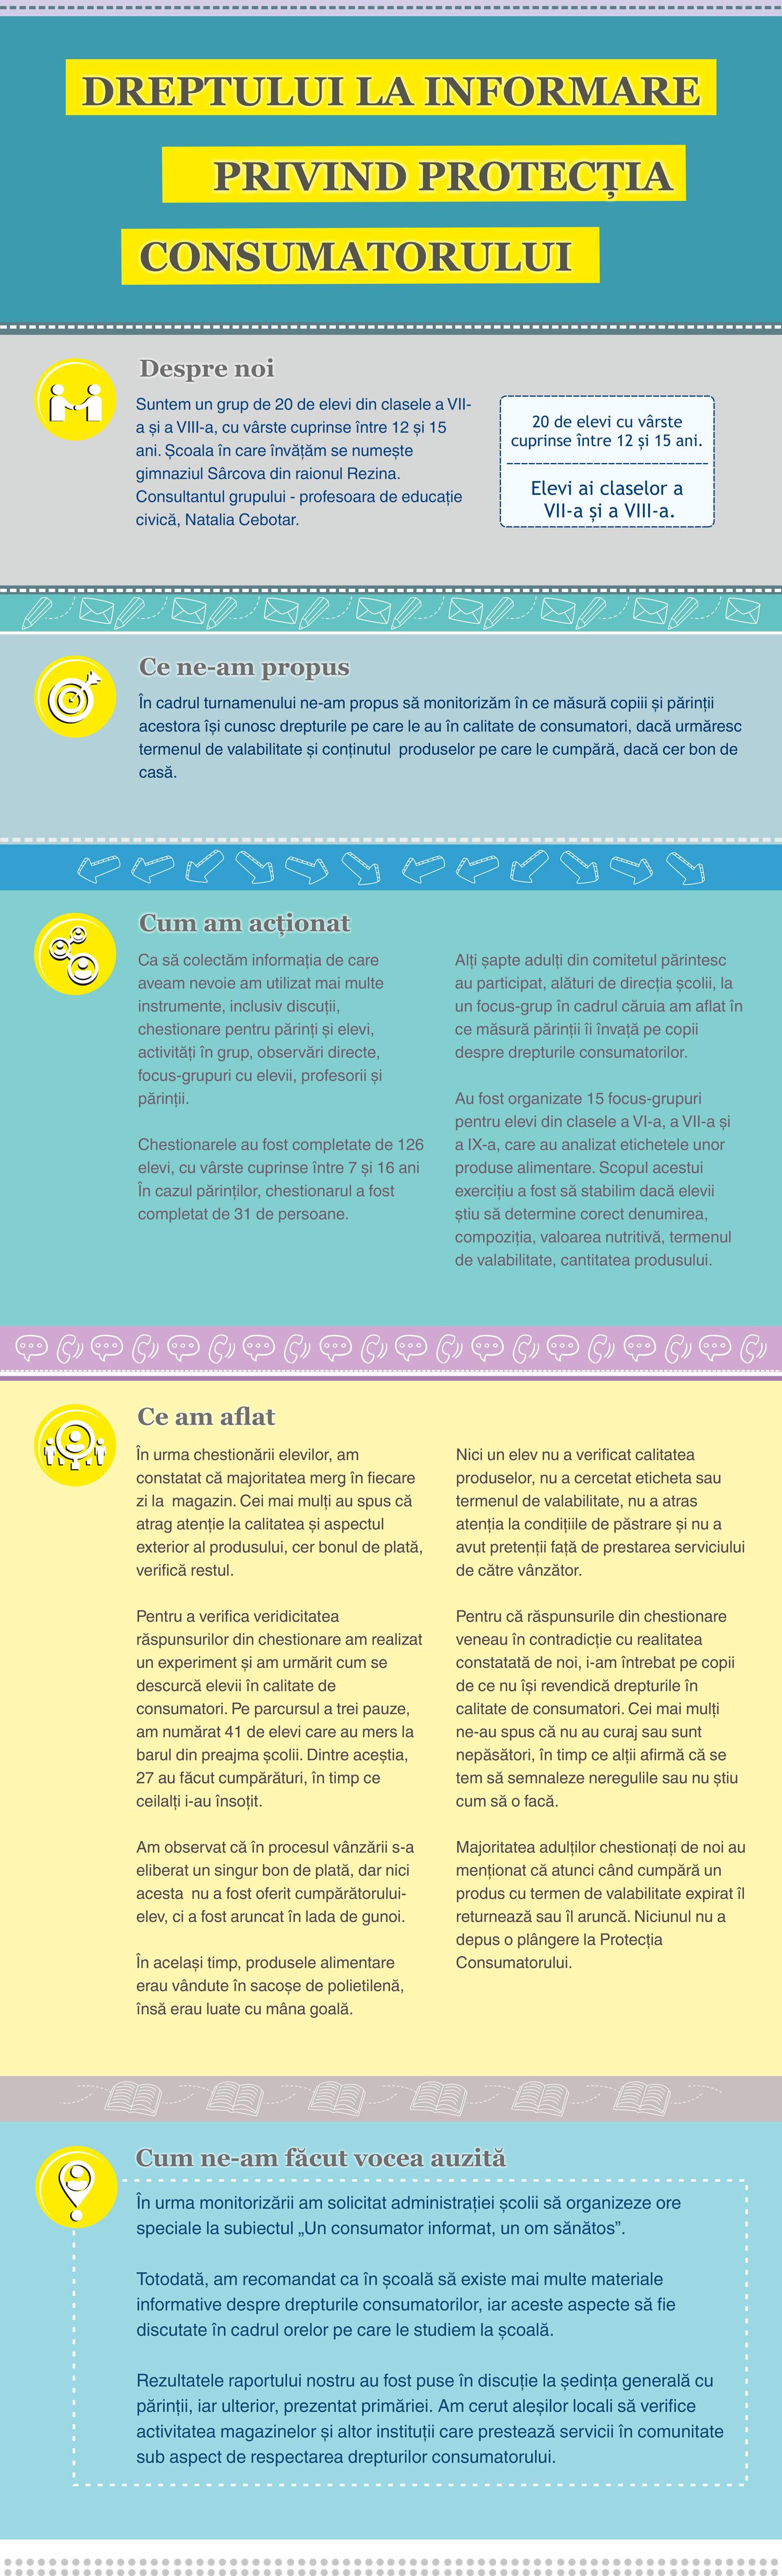 Dreptului la informare privind protecția consumatorului